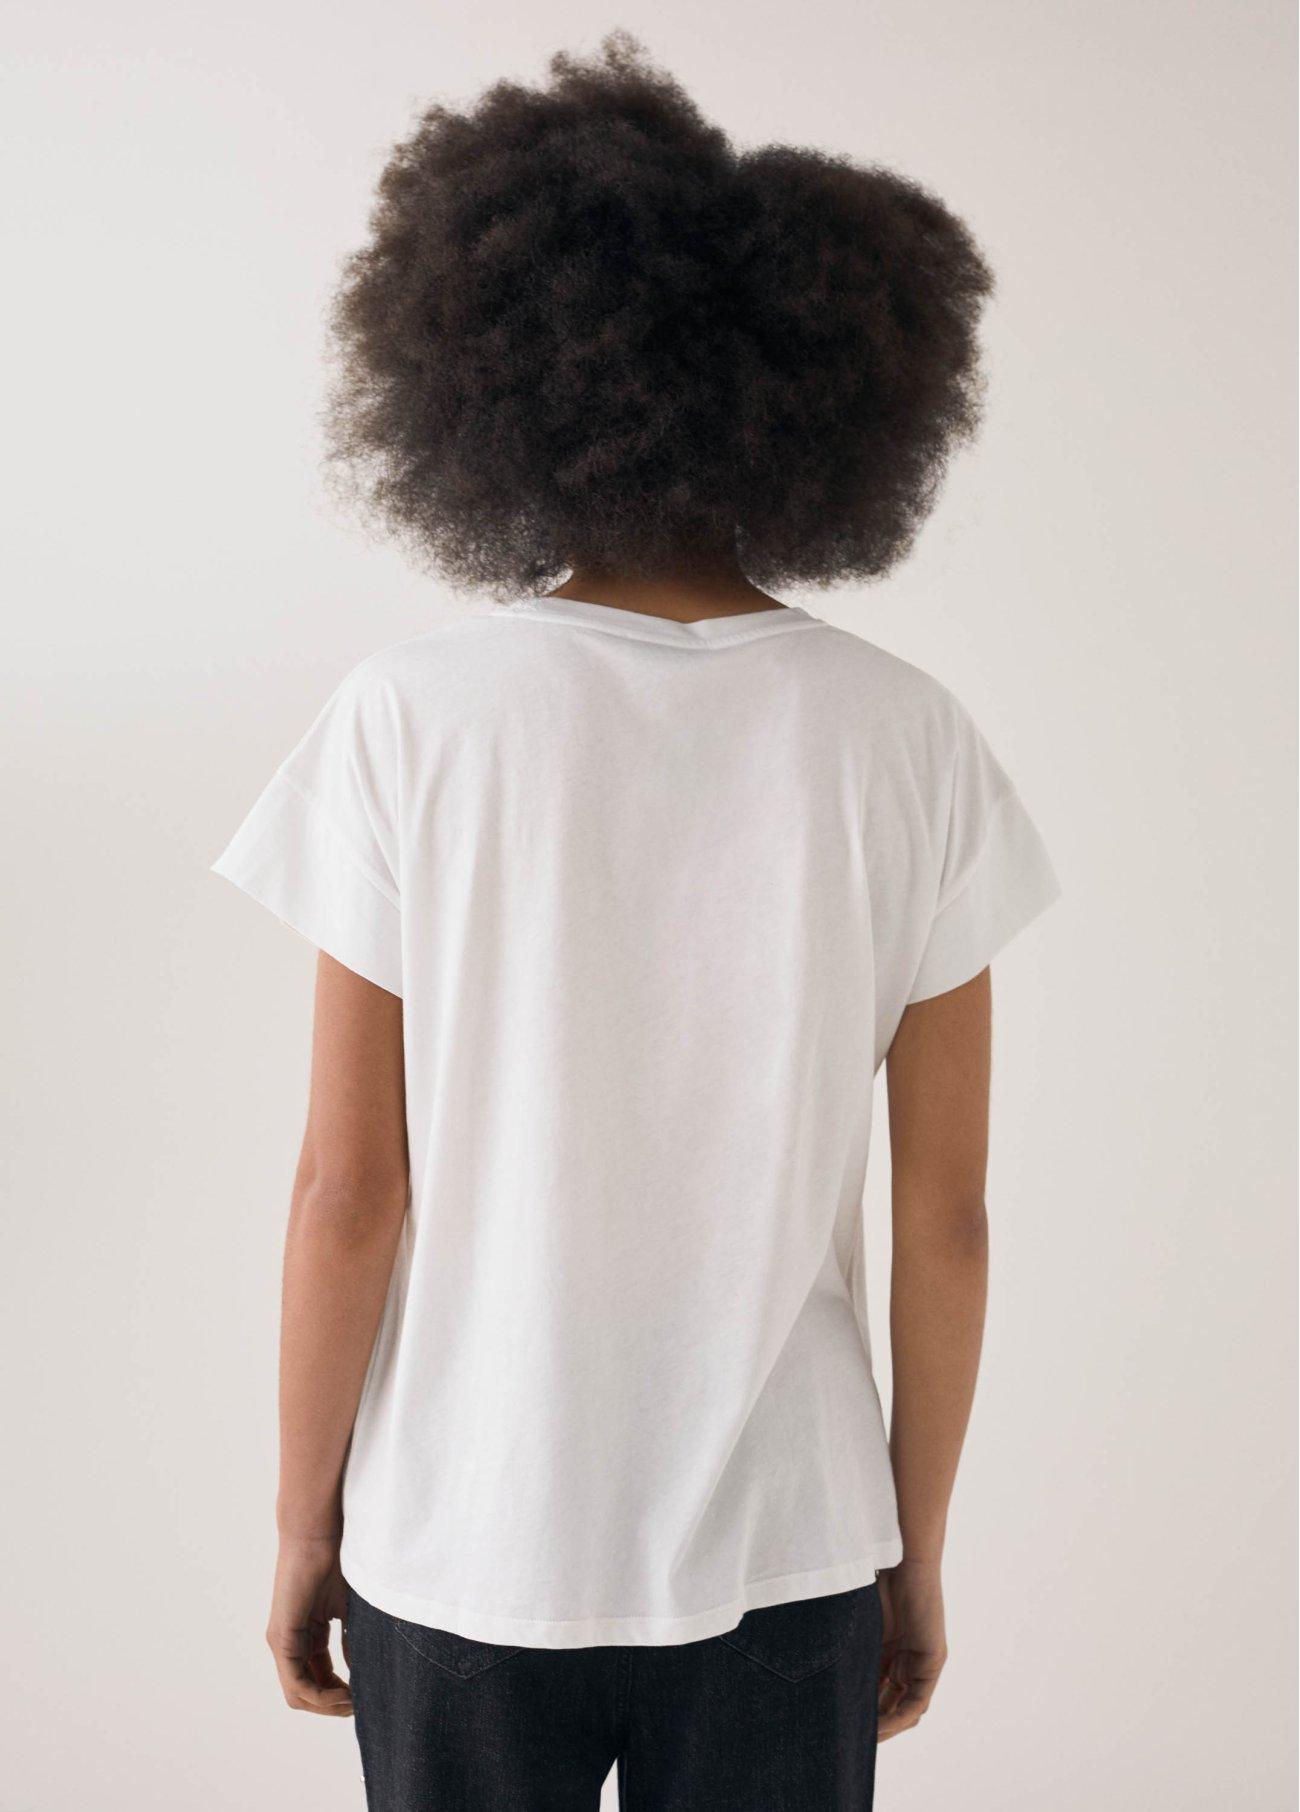 Camiseta love,  2